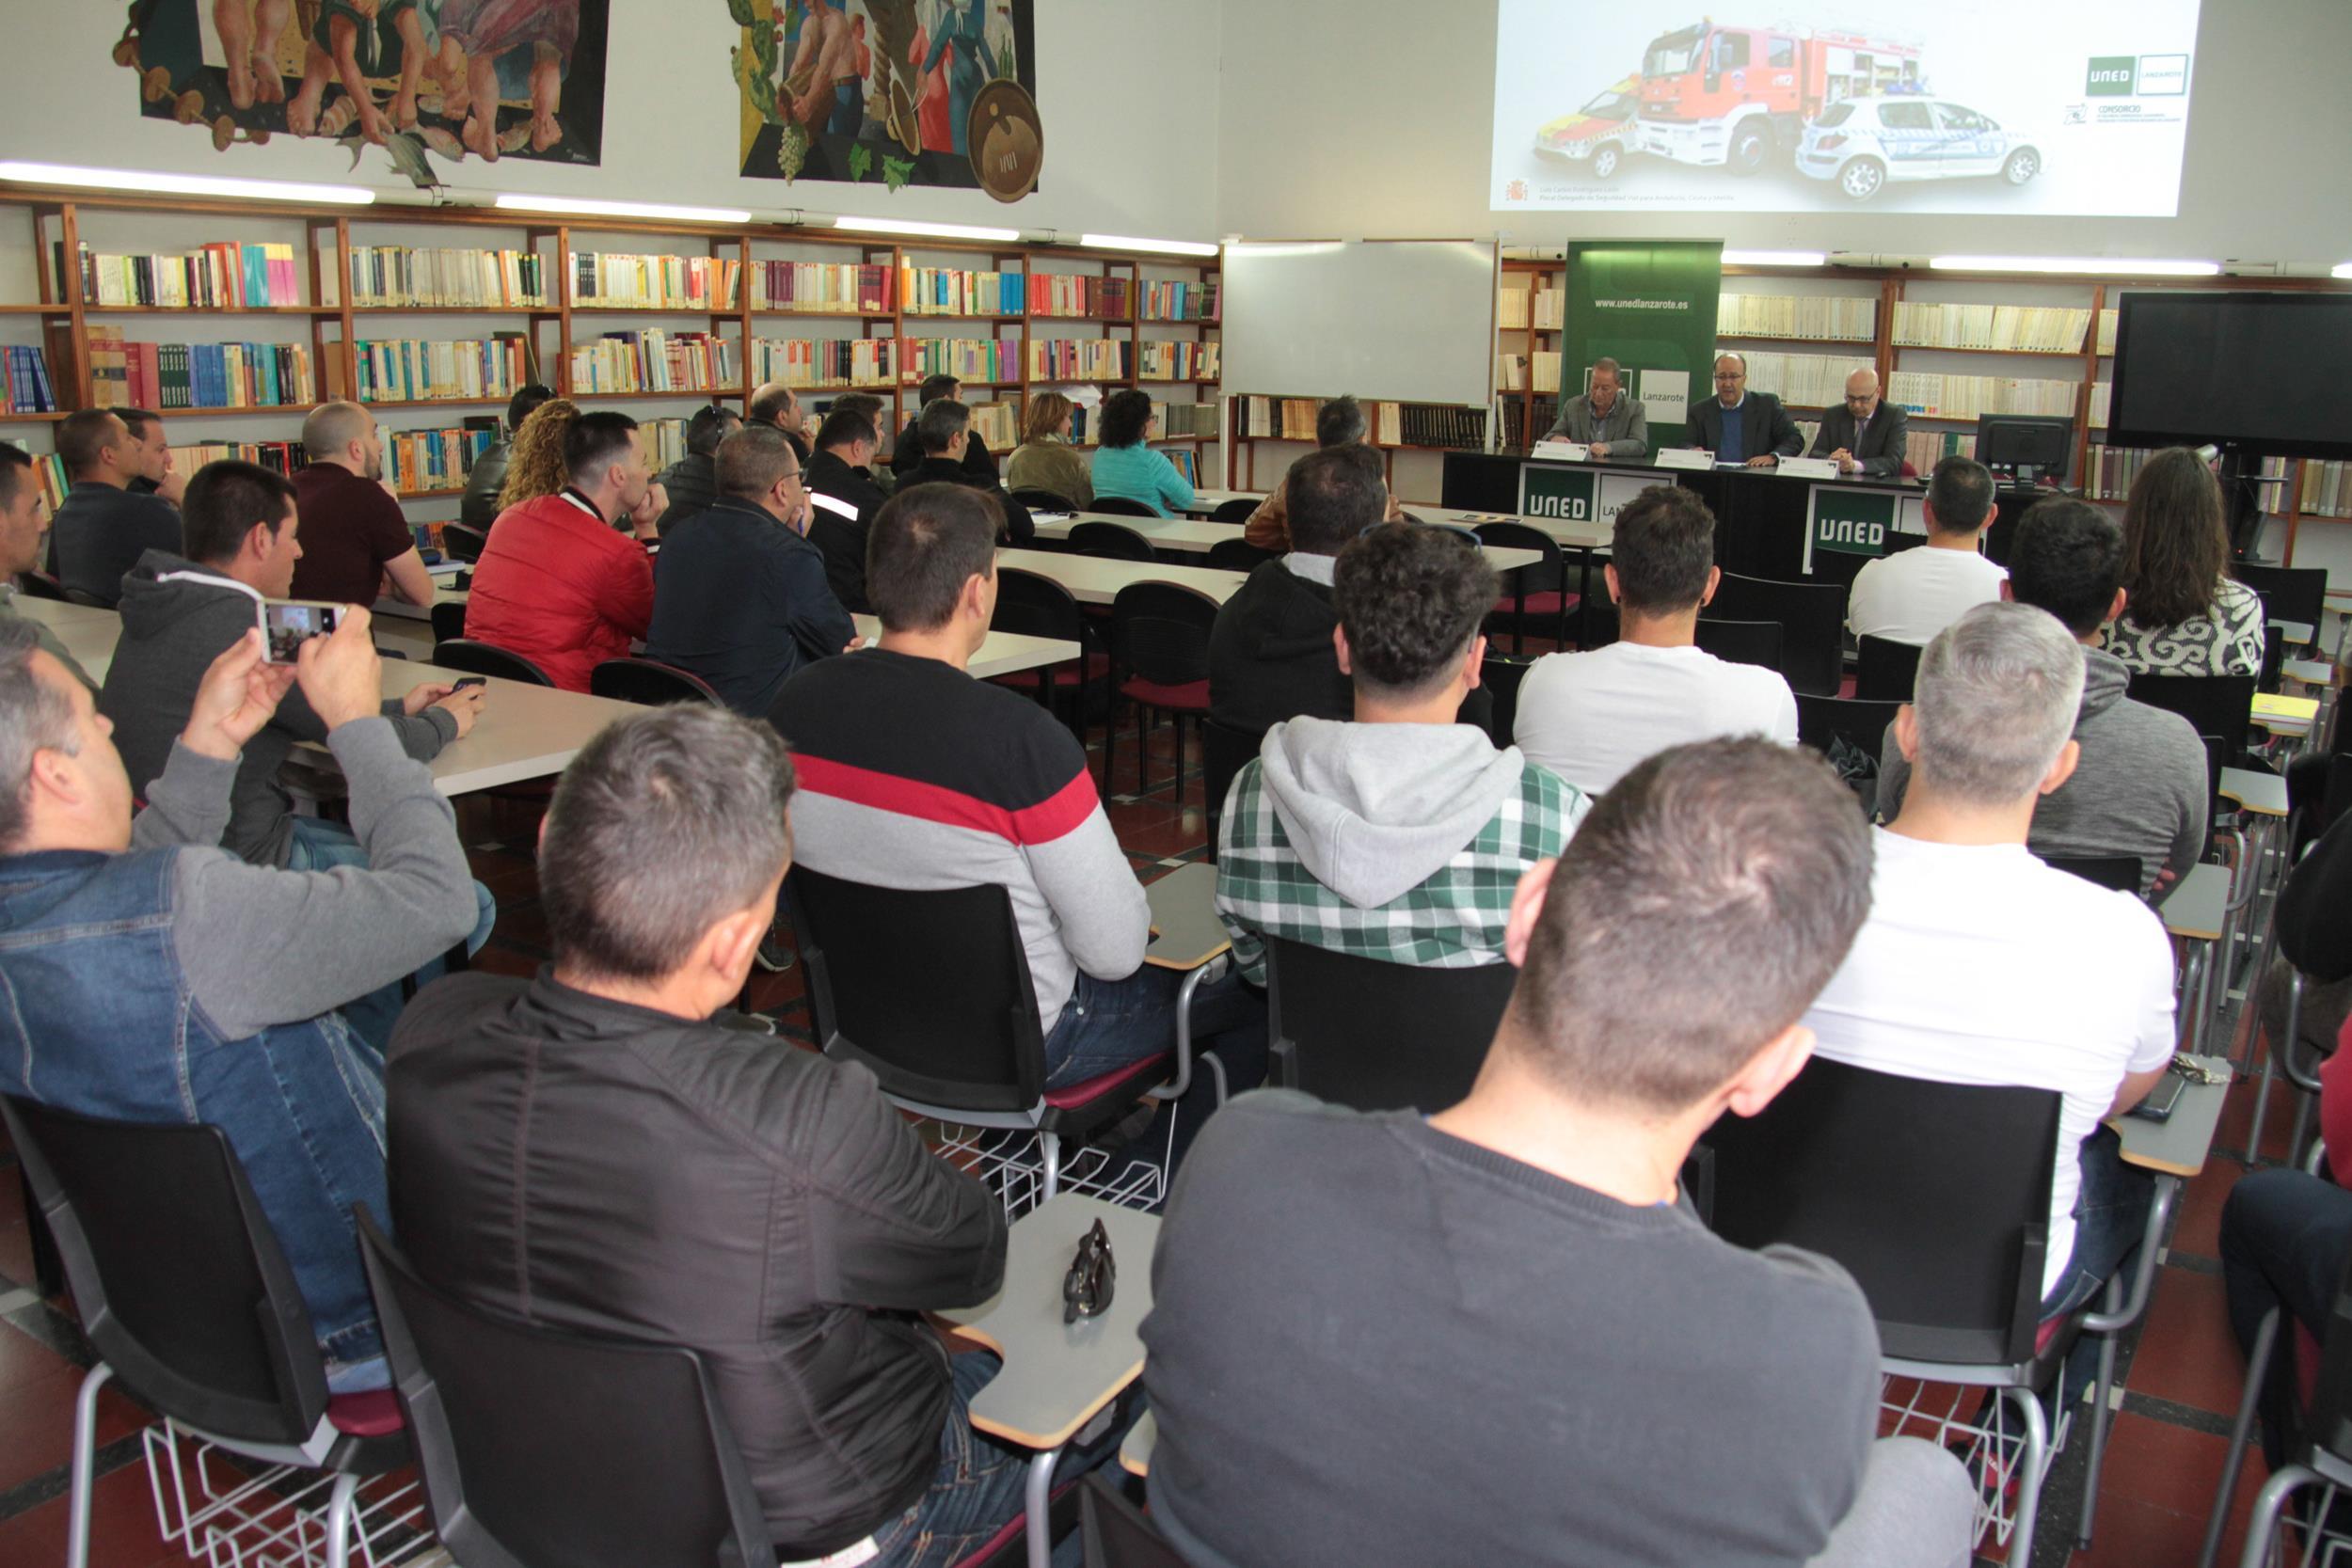 El Consorcio de Seguridad y Emergencias organiza con la UNED el curso 'Aspectos legales en intervención'